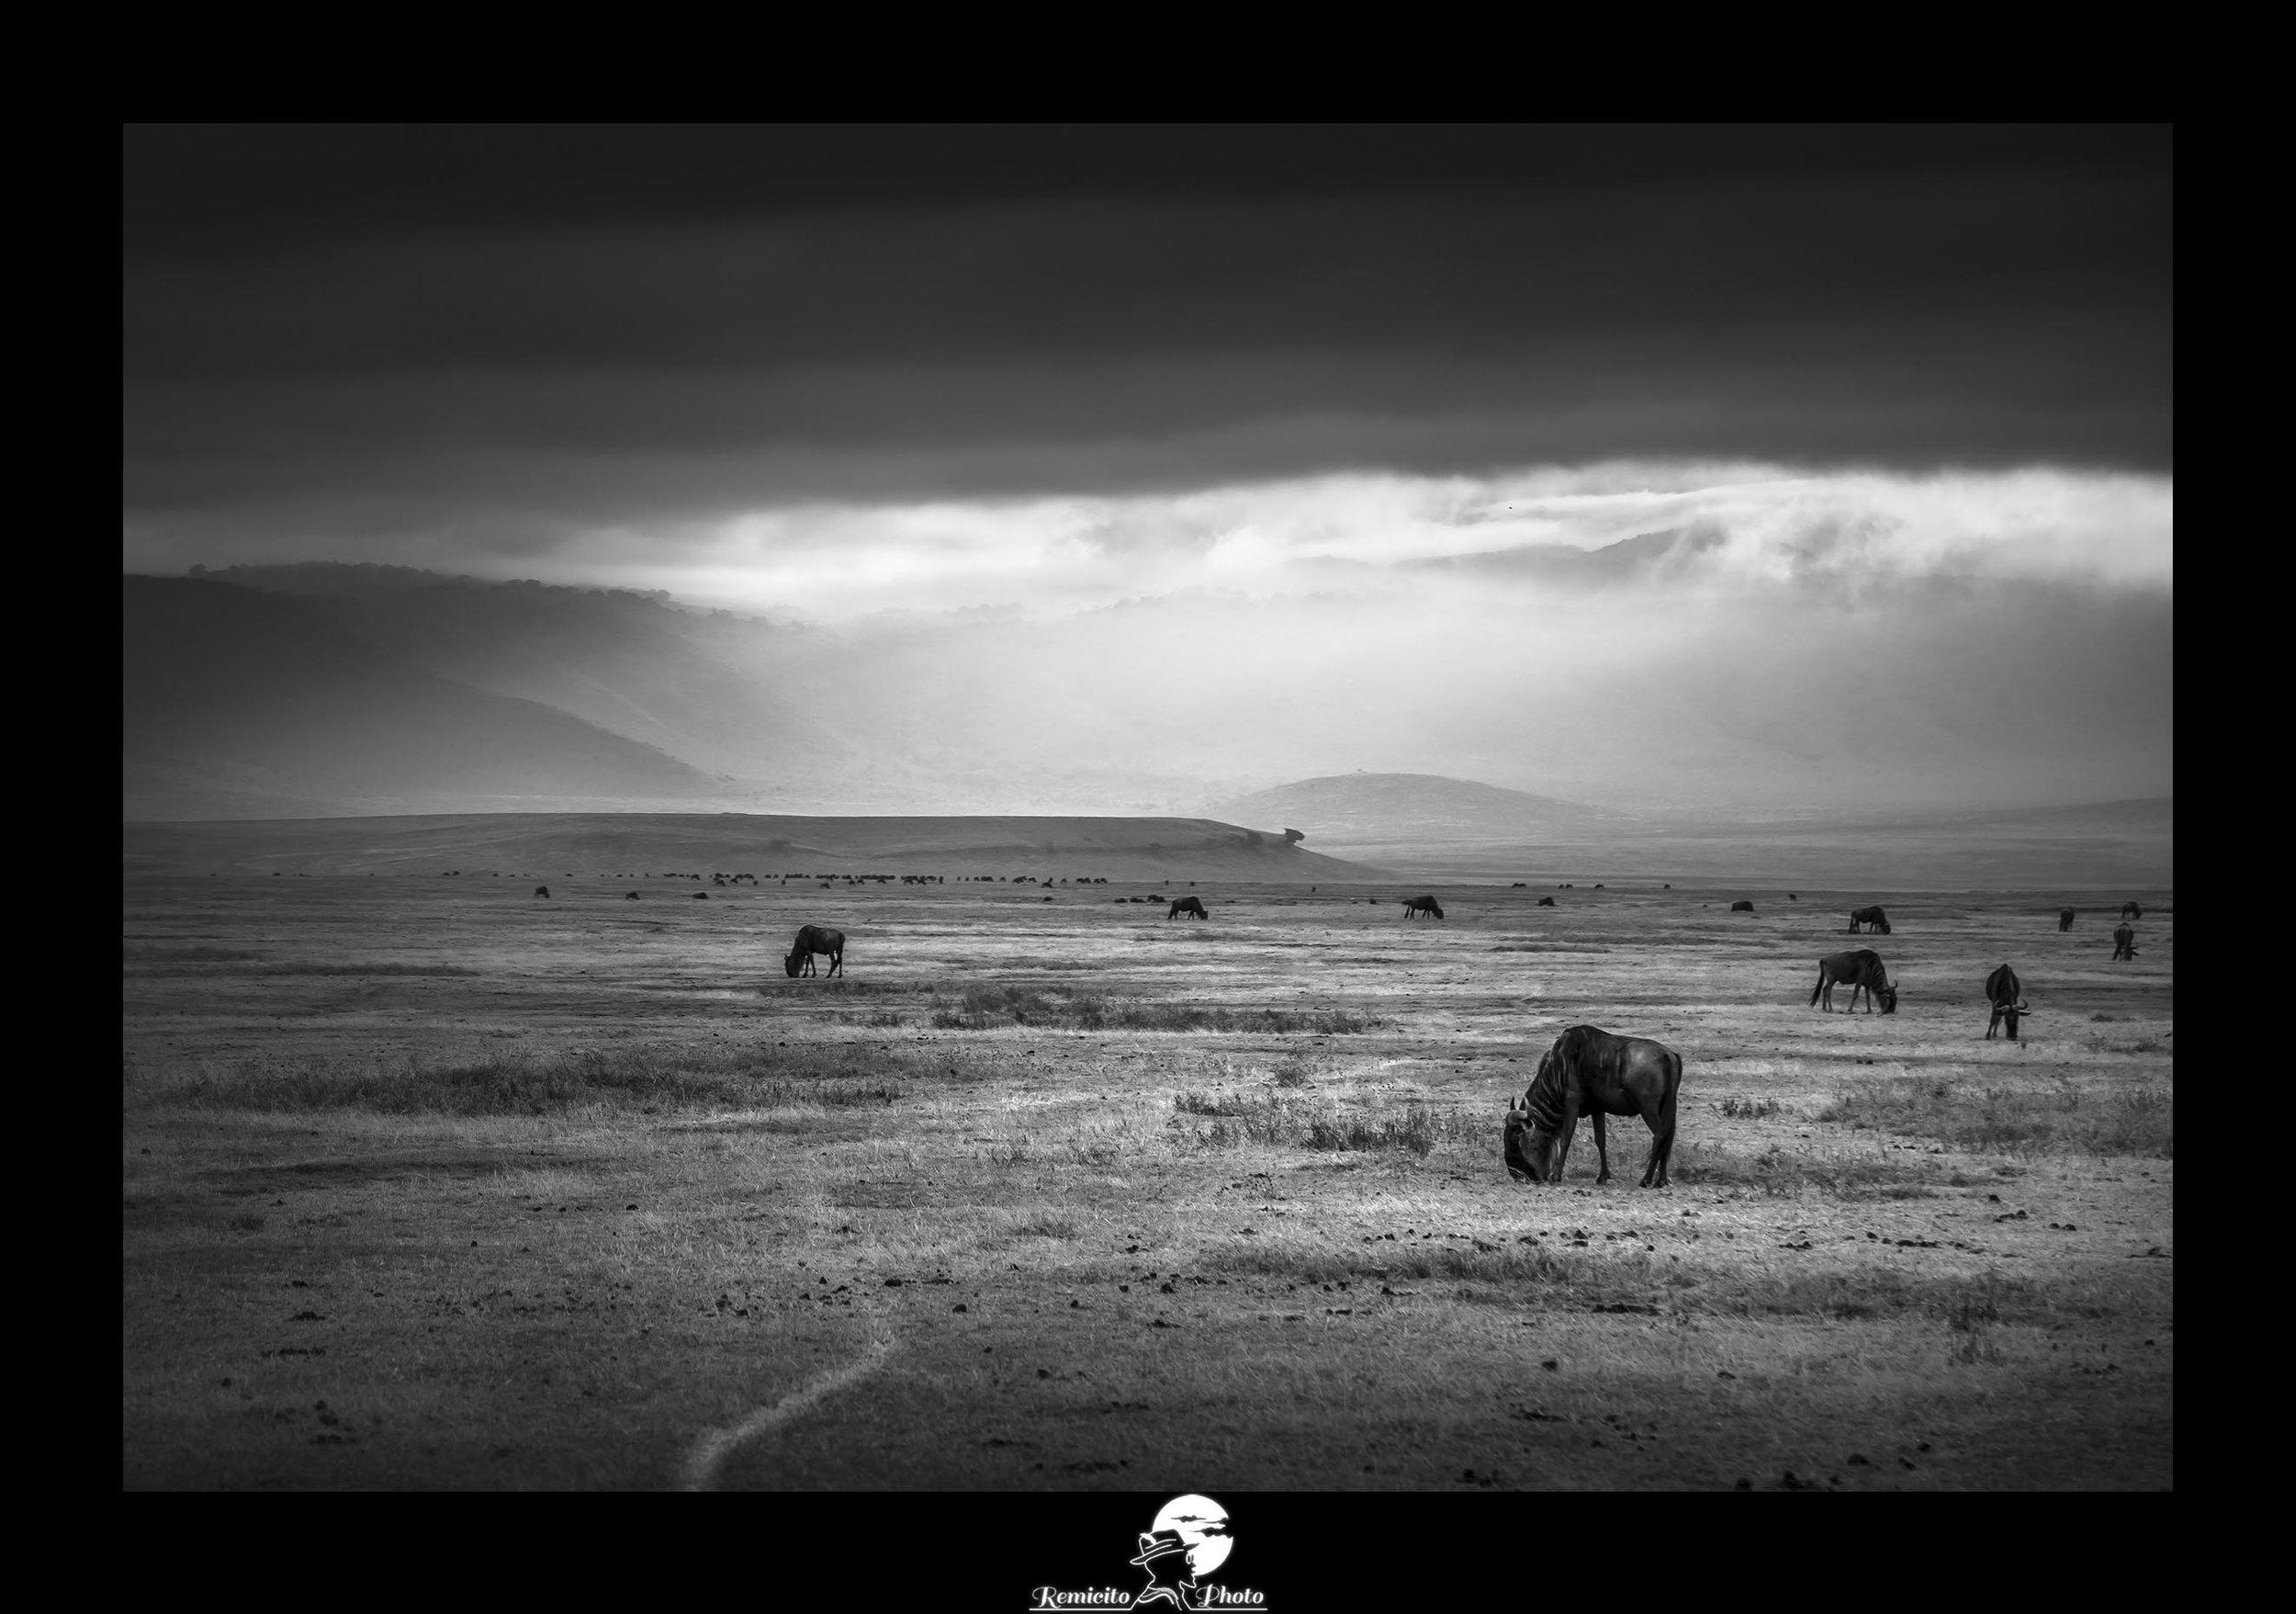 Remicito photo, remicito rémi lacombe photographe voyage, belle photo noir et blanc afrique sauvage, idée cadeau belle photo animaux afrique, cratère de ngorongoro afrique tanzanie animaux